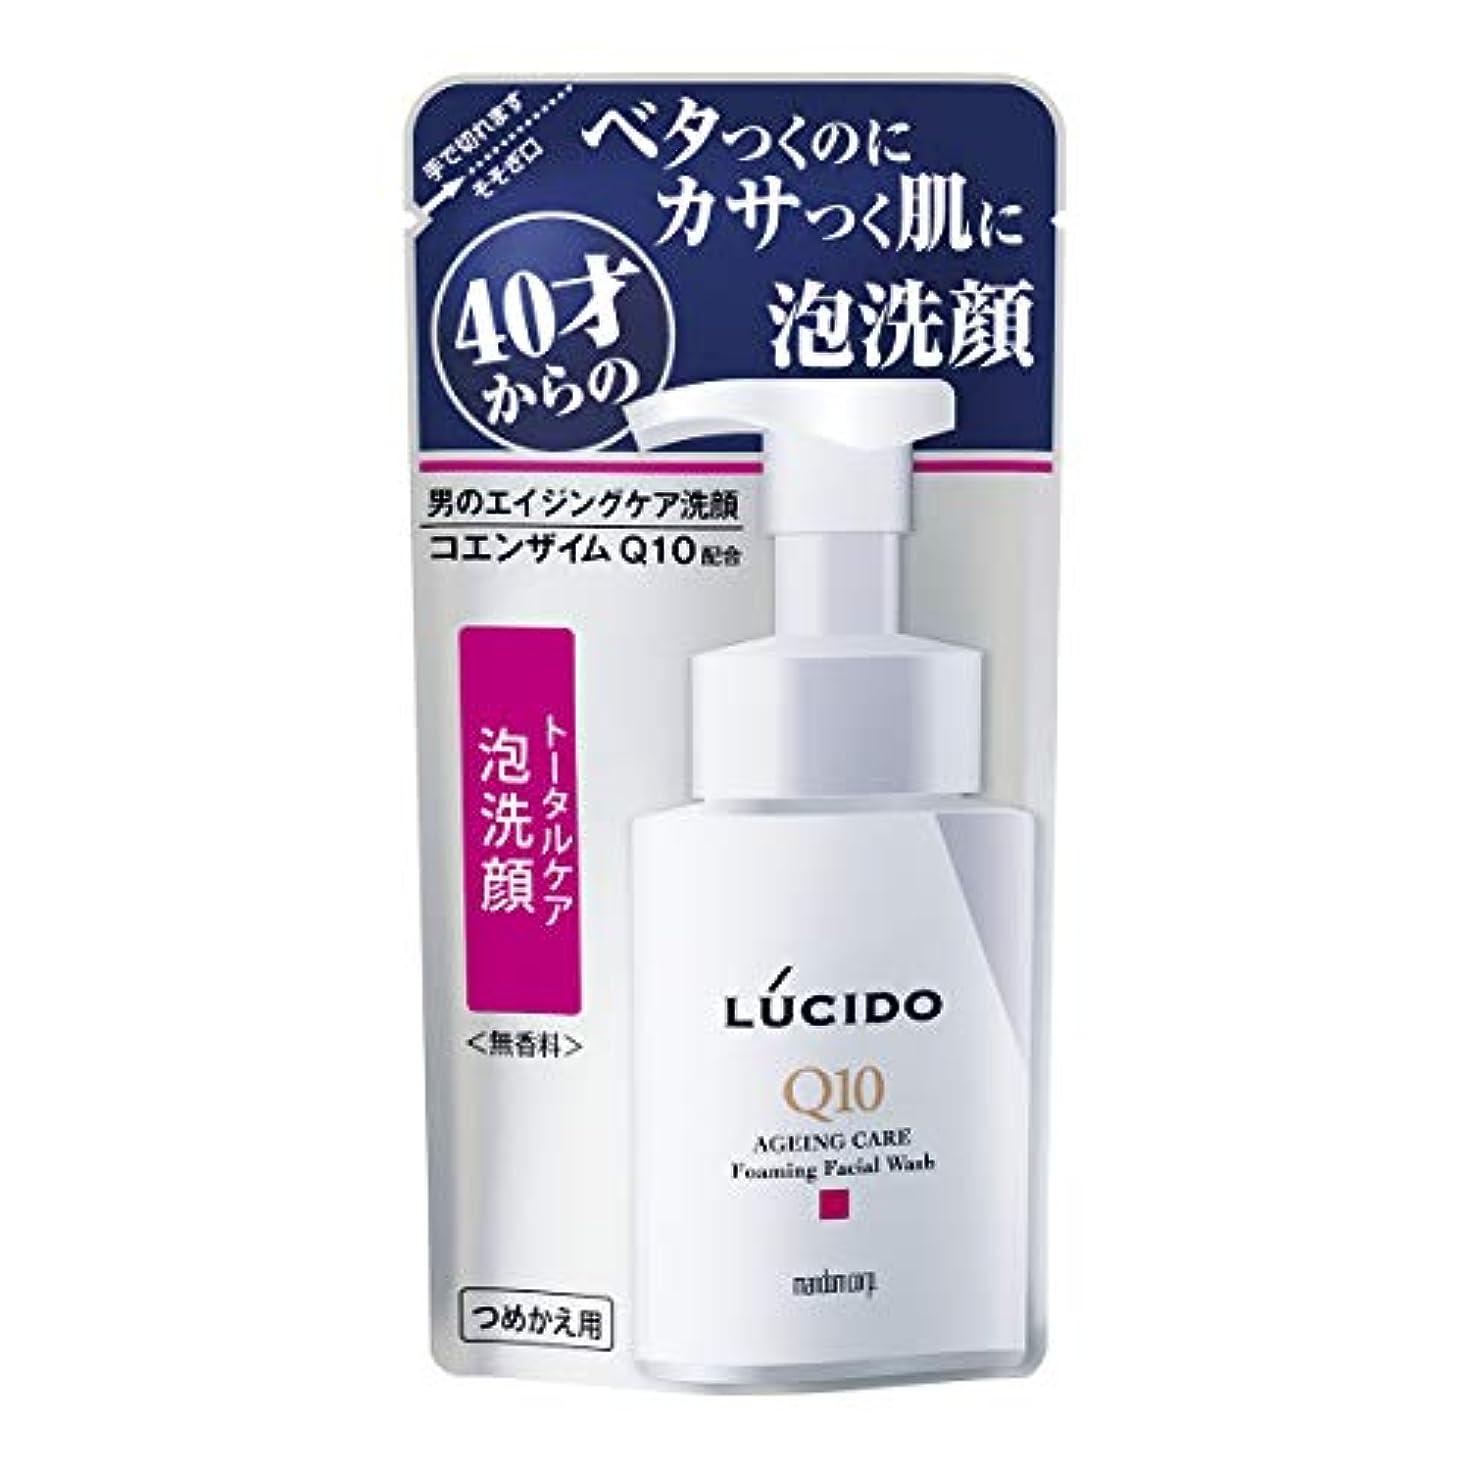 データベースどんよりした対抗ルシード (LUCIDO) トータルケア泡洗顔 つめかえ用 Q10 130mL